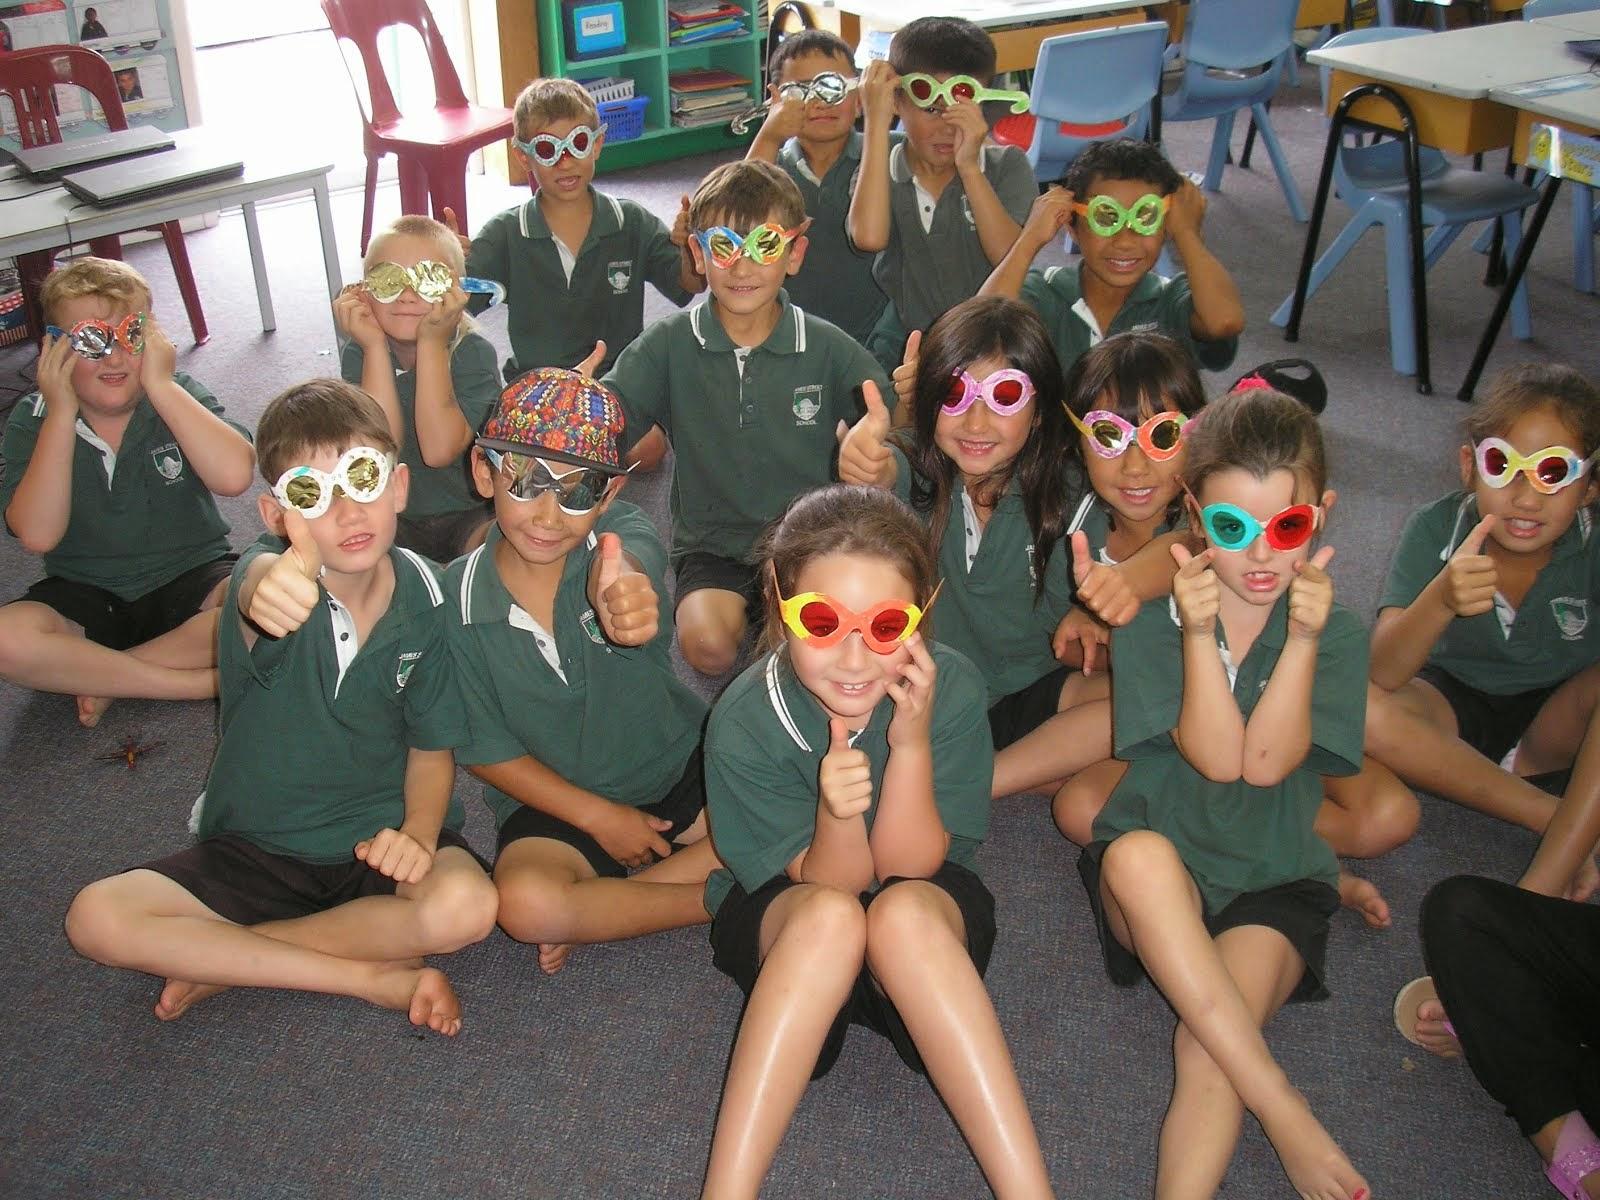 Sunsmart kids